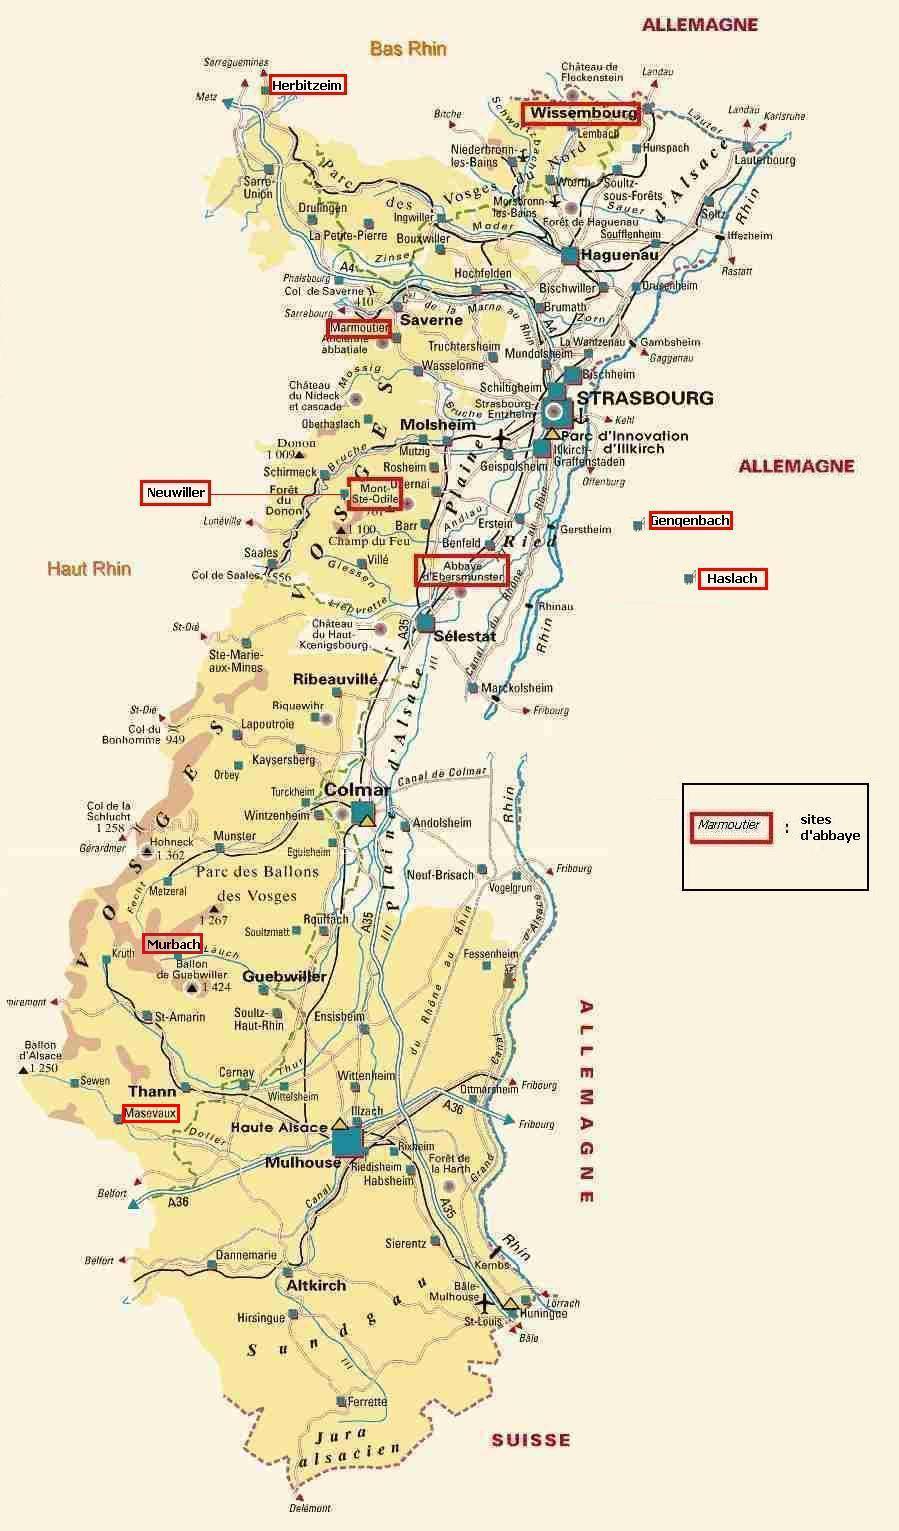 Carte Lalsace.Carte De L Alsace Des Cartes Sur Cette Region De L Est De